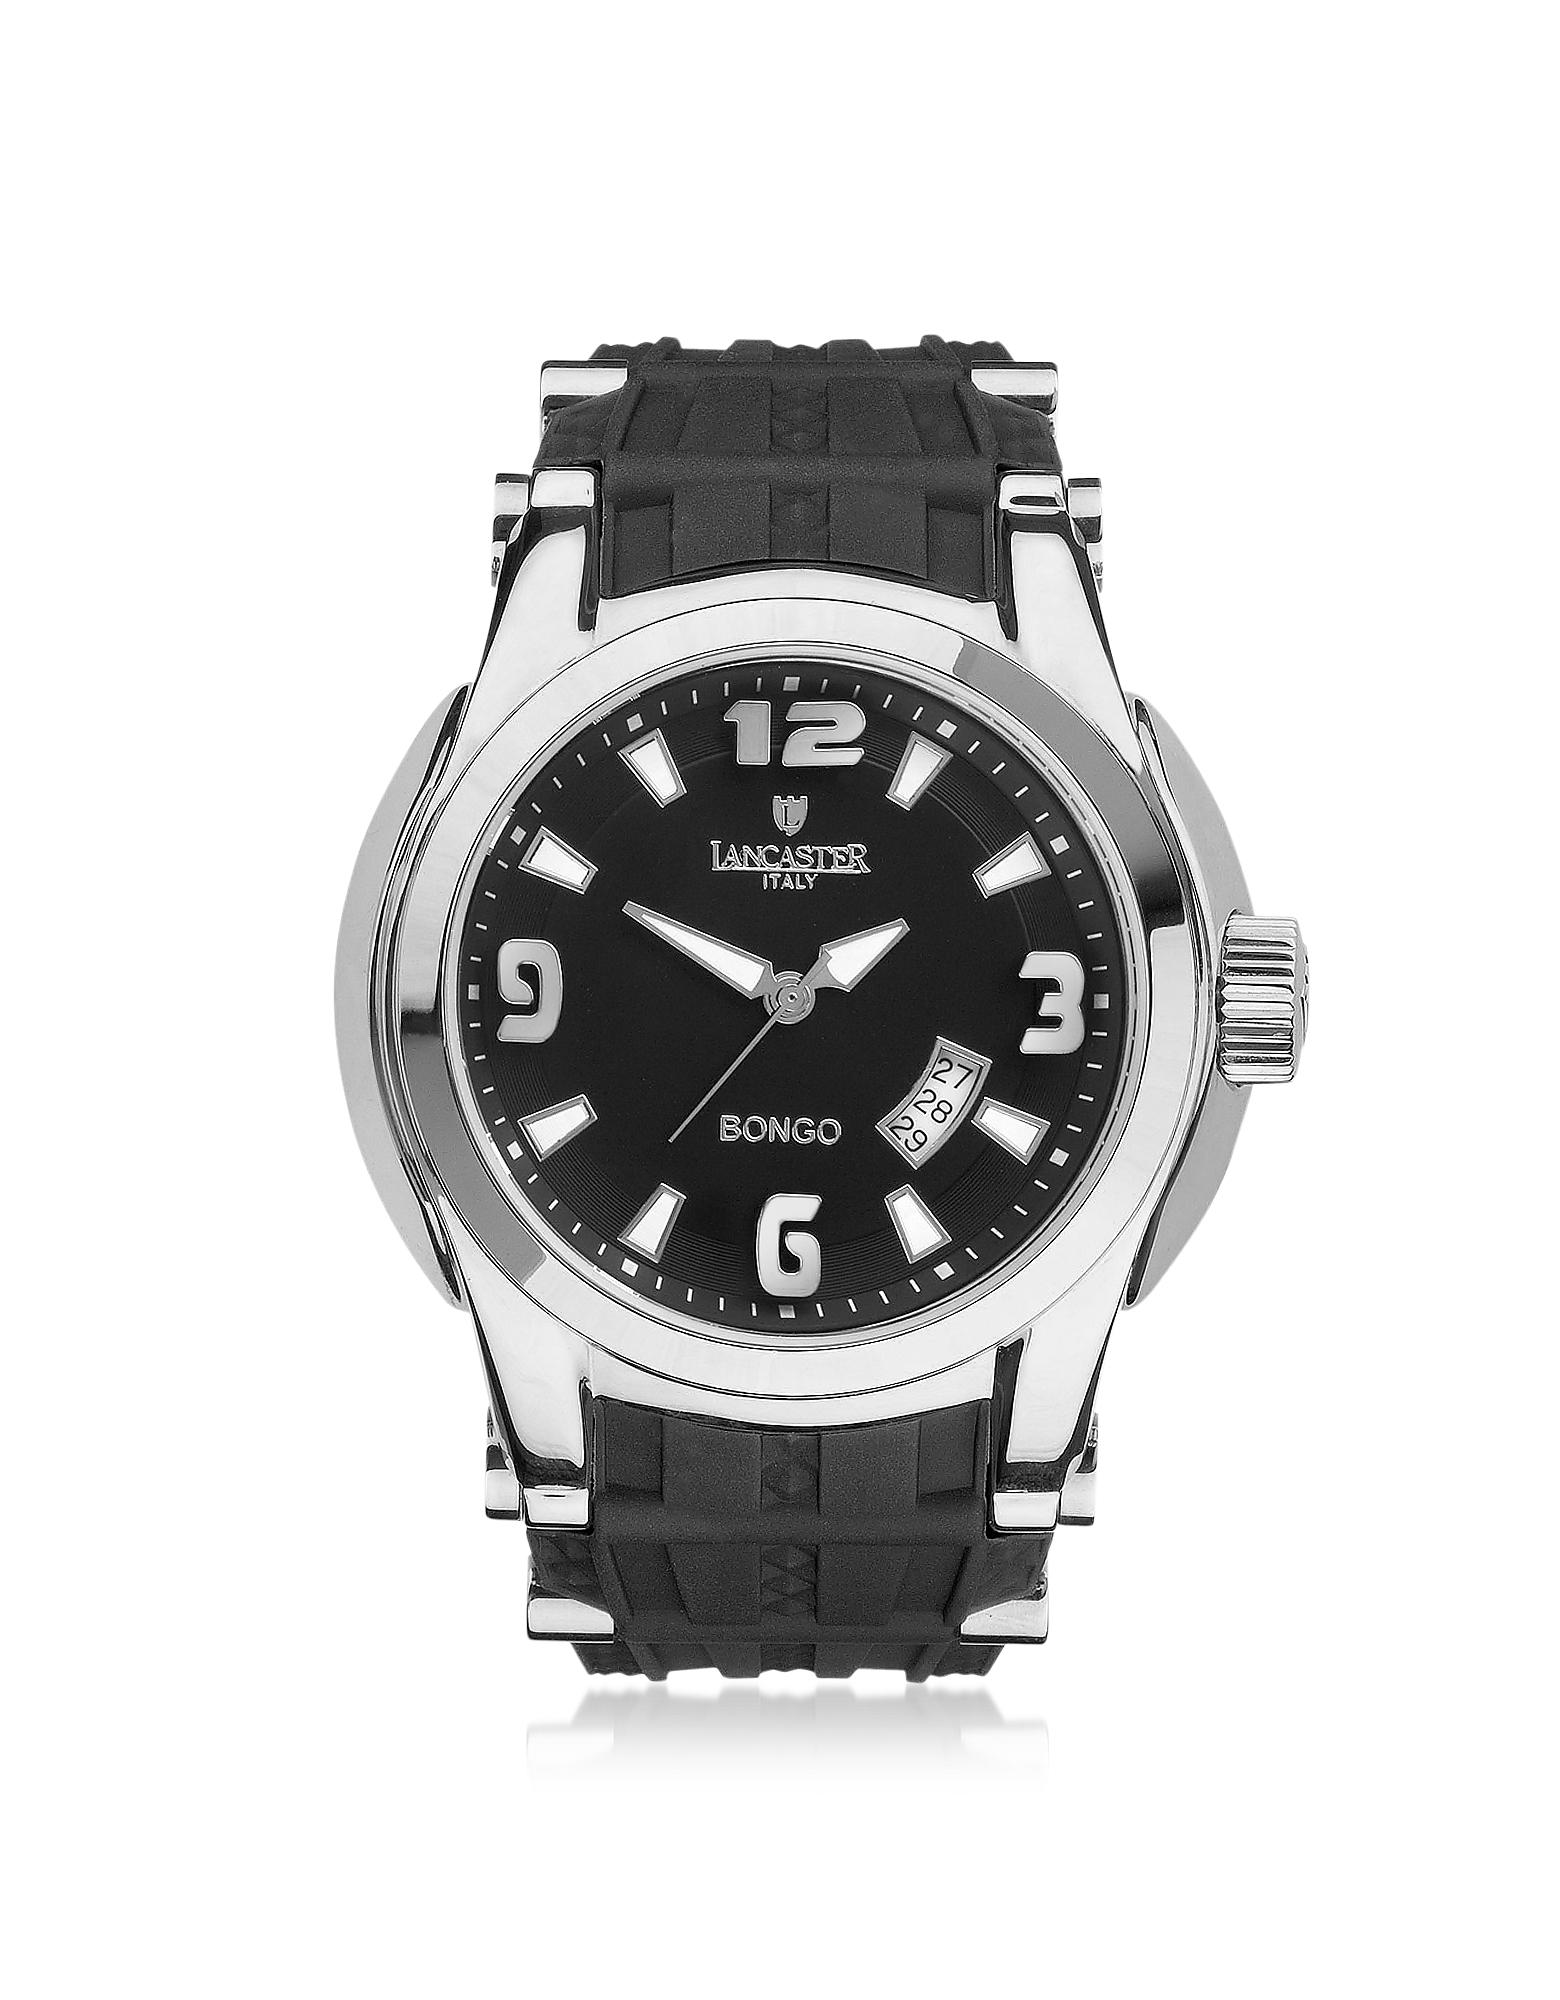 Bongo Tempo - Мужские Серебристые Часы из Нержавеющей Стали на Черном Резиновом Ремешке